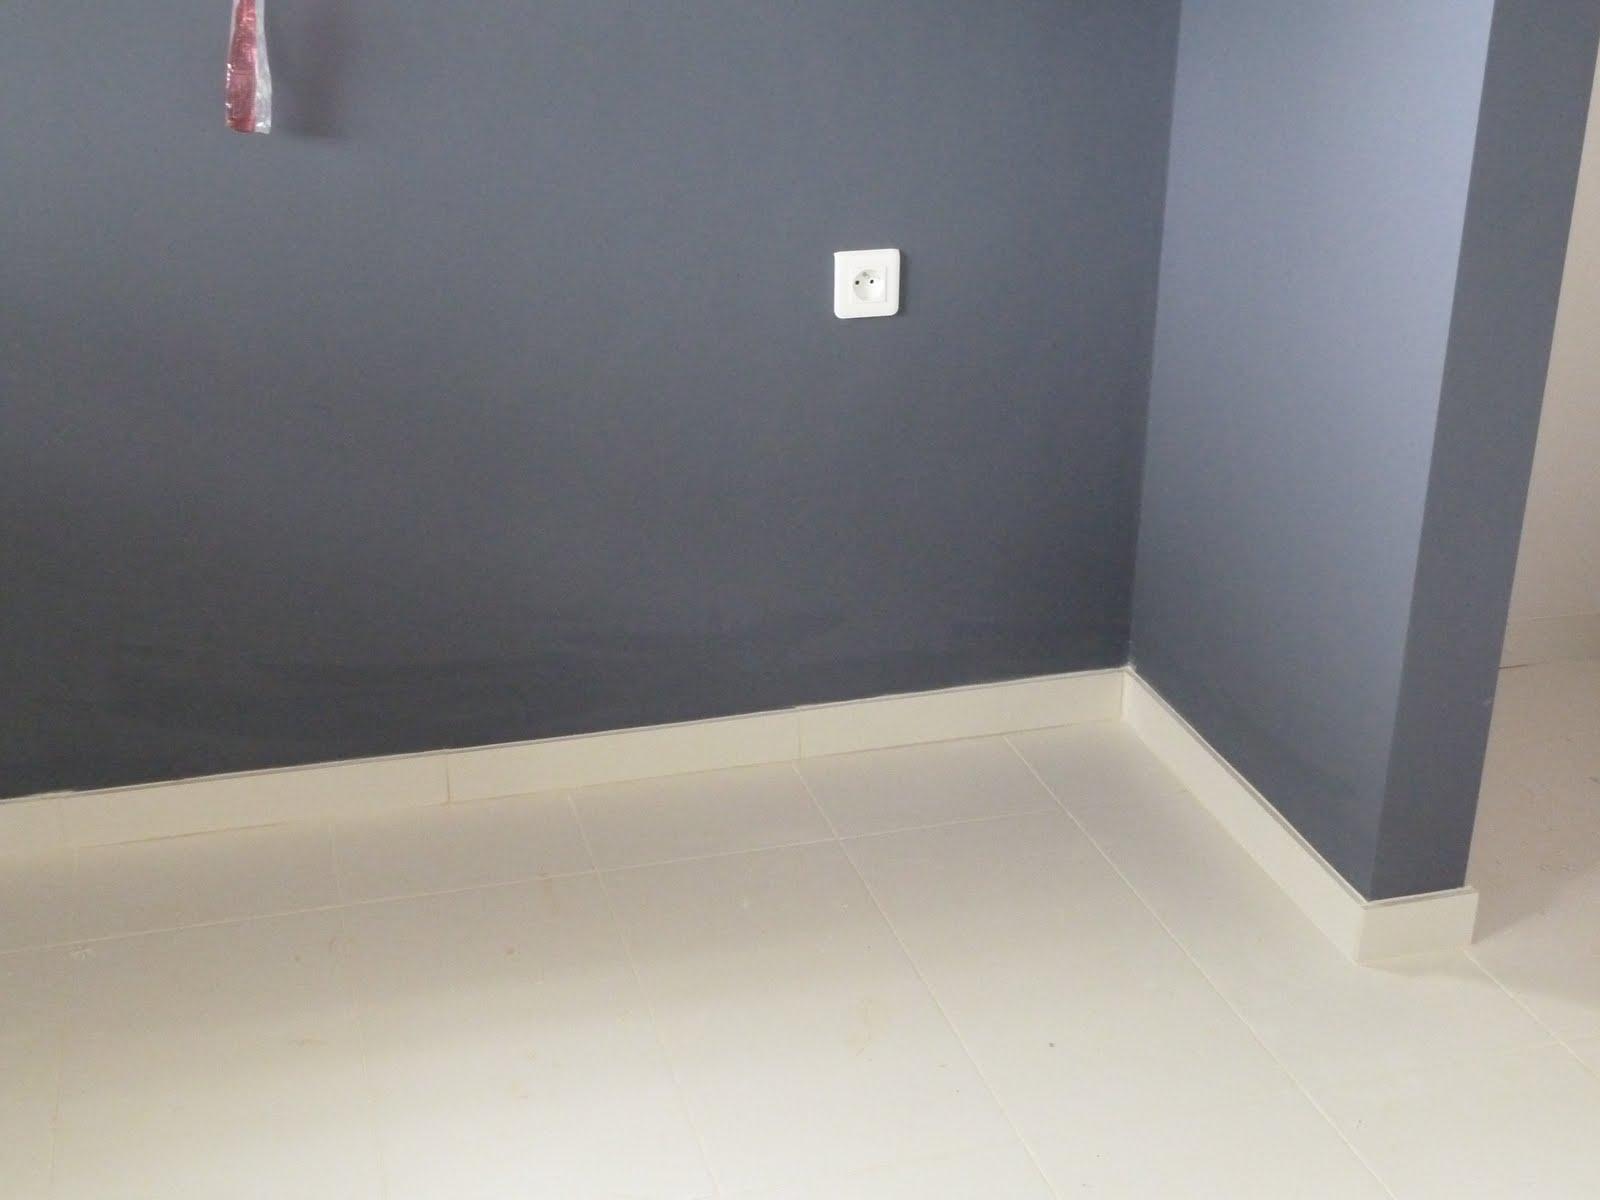 plinthe bois sur plinthe carrelage 28 images plinthe m 233 dium mdf droite rev 234 tu m 233. Black Bedroom Furniture Sets. Home Design Ideas